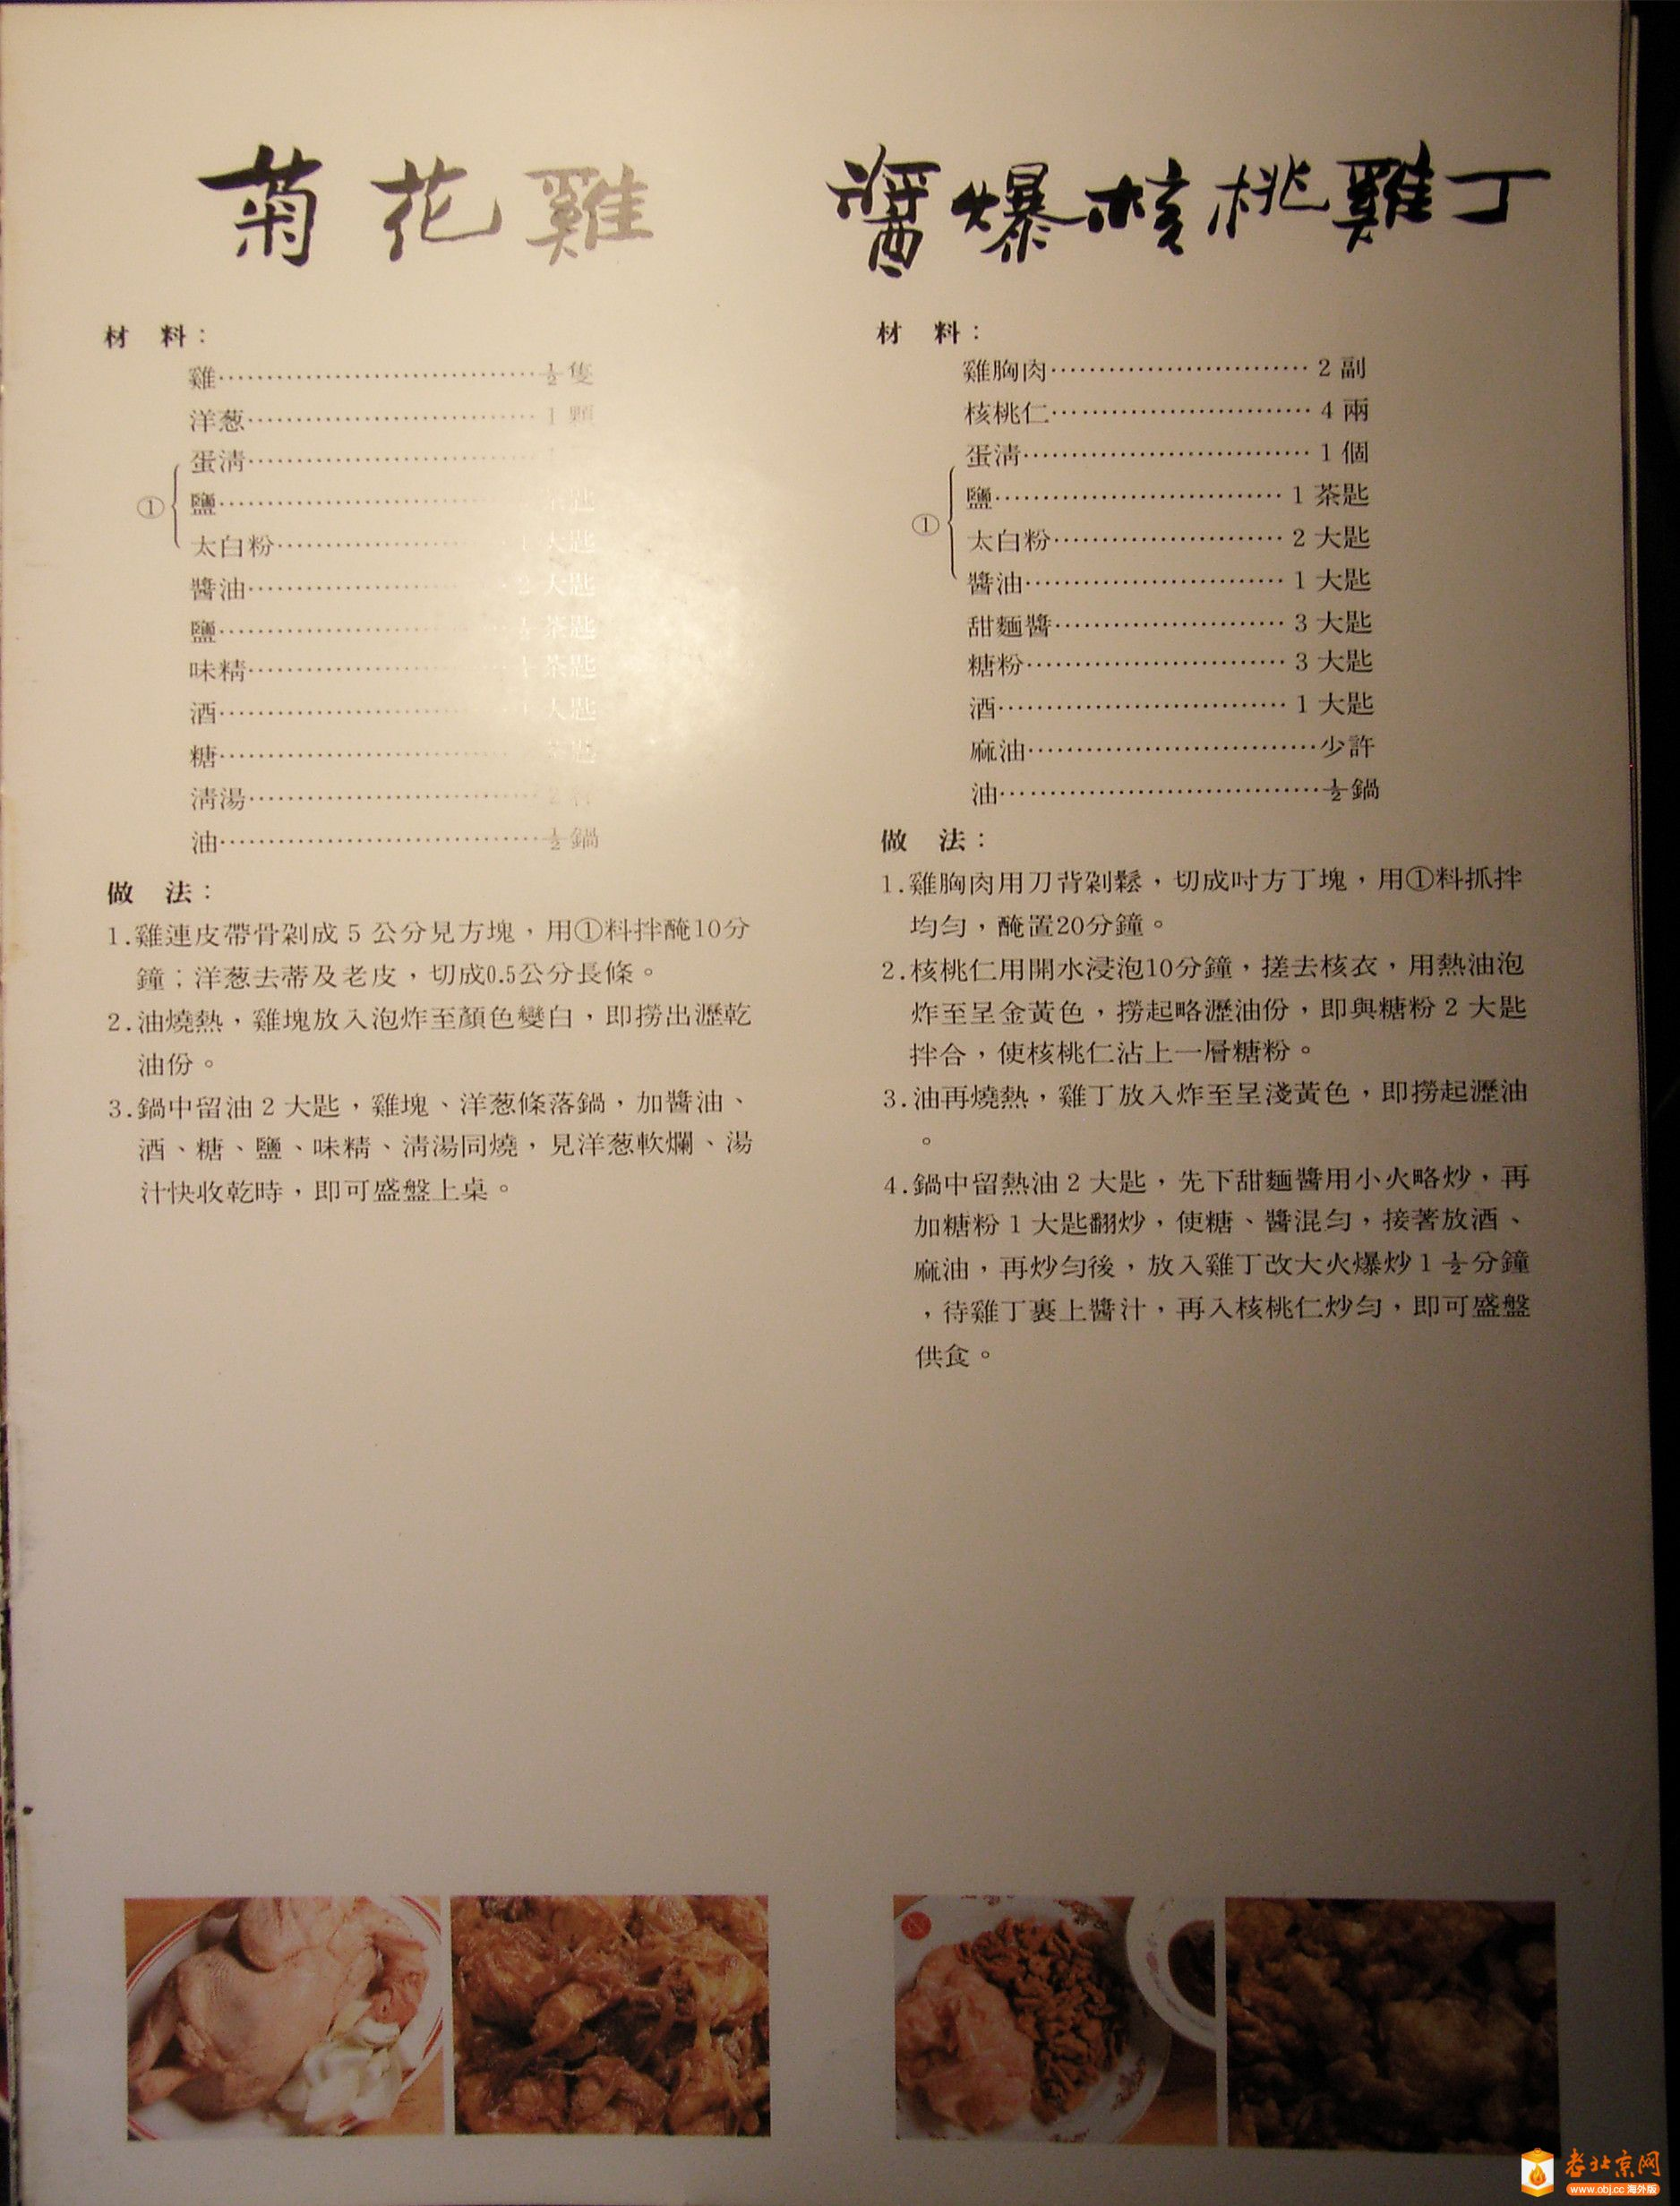 《北平菜食谱》每日一菜之——菊花鸡,酱爆核桃鸡丁